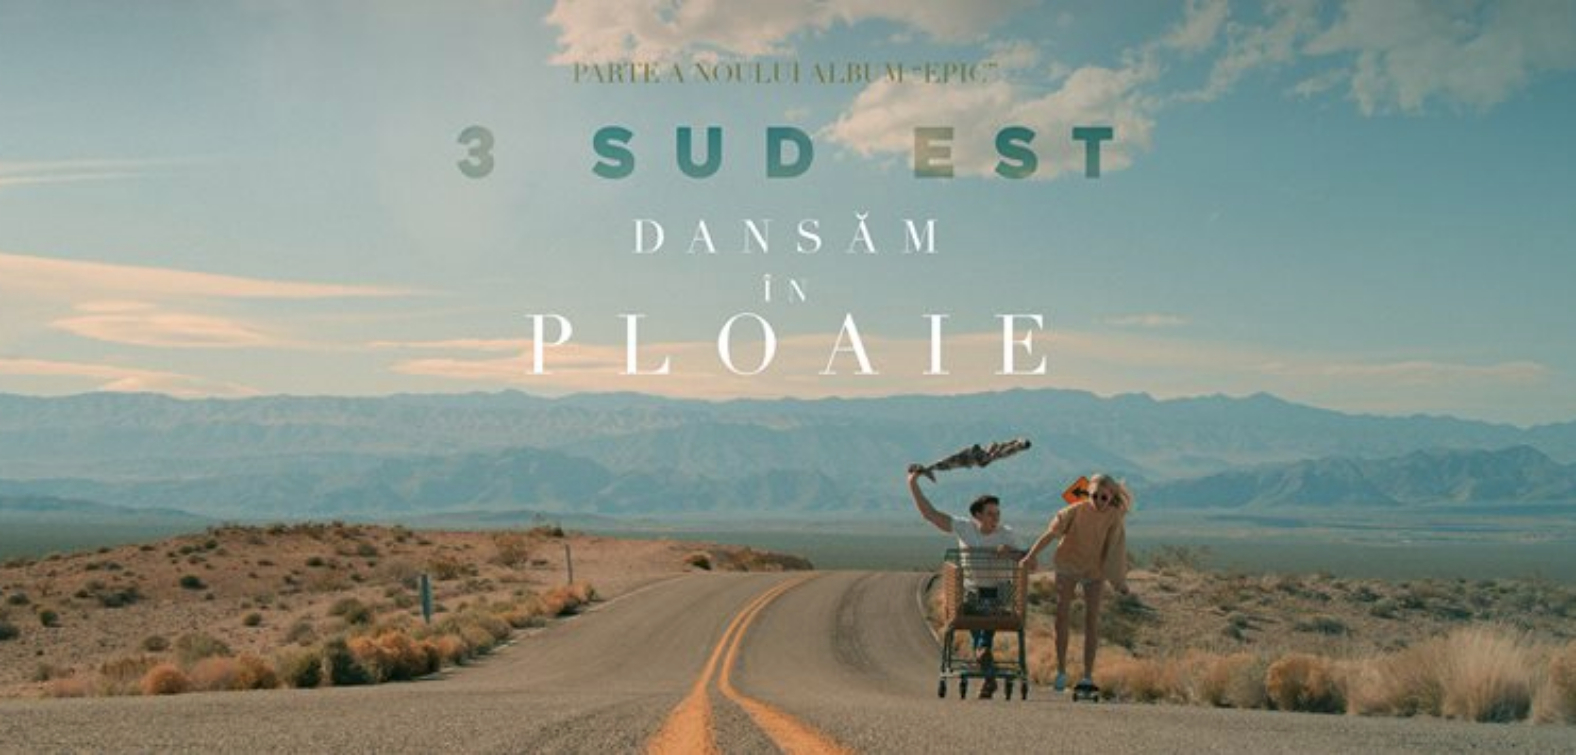 """PREMIERĂ! Băieții de la 3 Sud Est au un nou videoclip – ,,Dansăm în ploaie"""""""